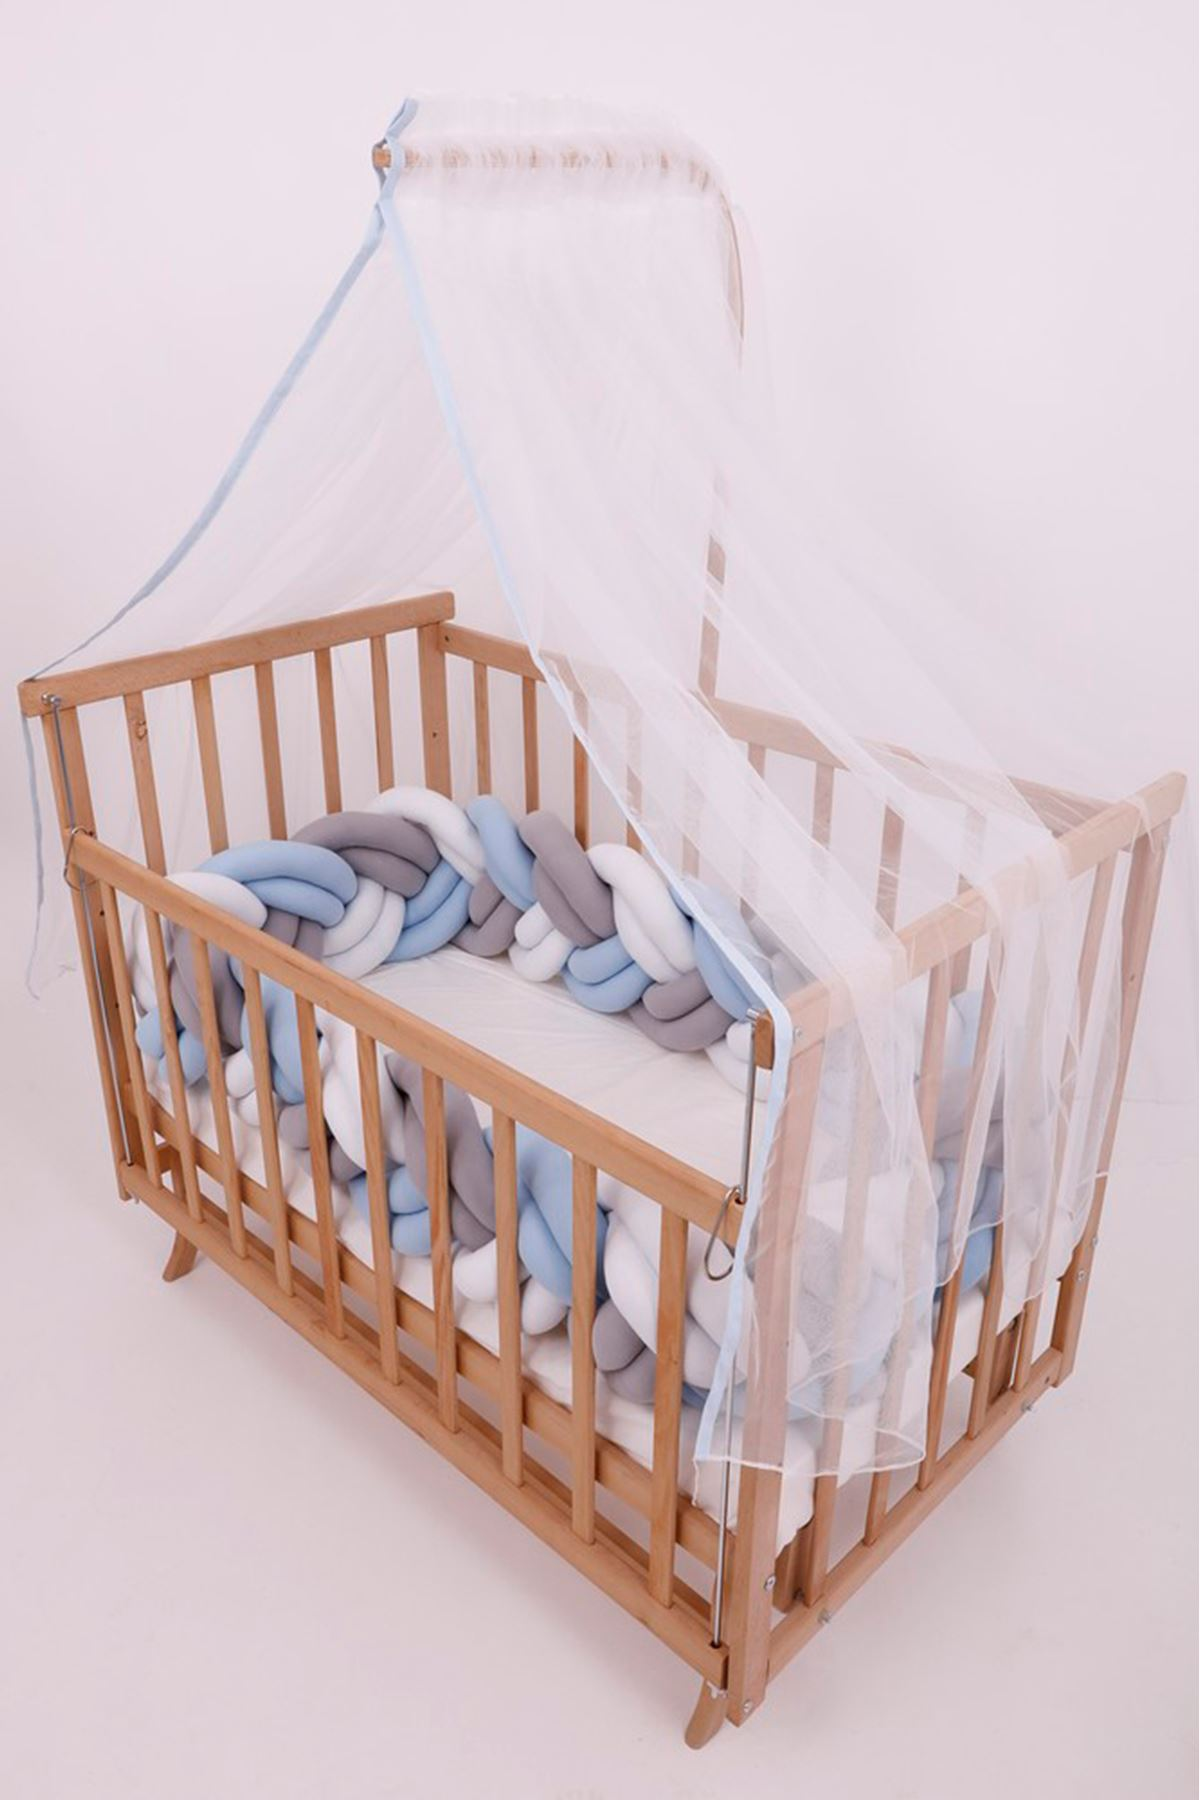 سرير خشبي مستطيل 5 سنوات جدله أزرق دبل